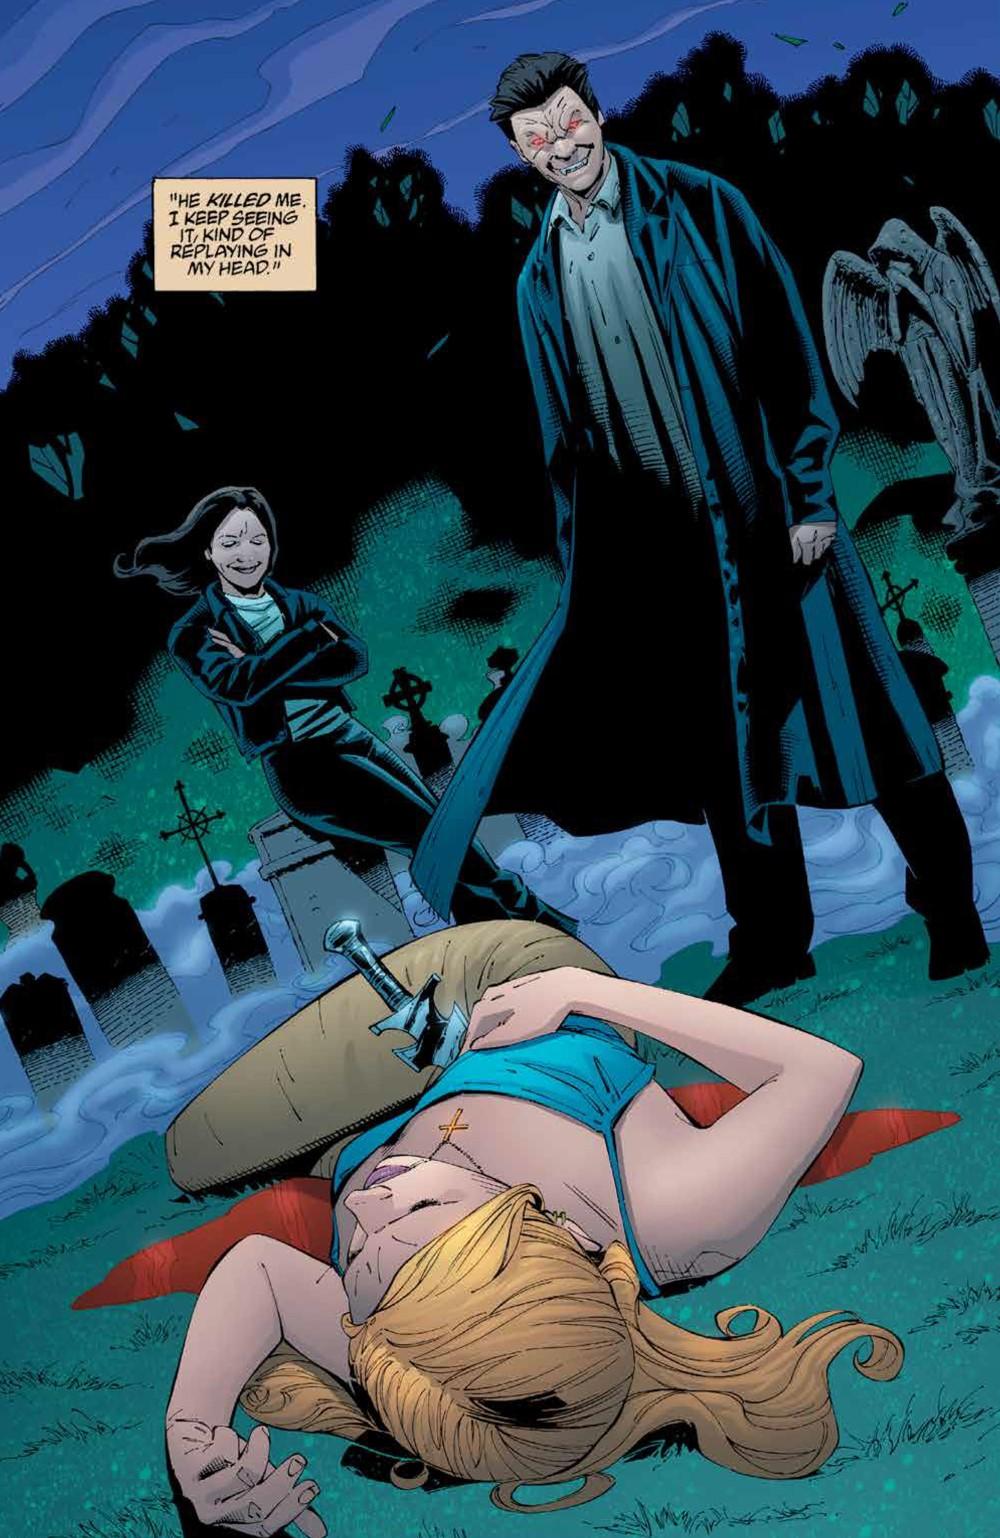 Buffy_Legacy_v5_SC_PRESS_9 ComicList Previews: BUFFY VAMPIRE SLAYER LEGACY EDITION VOLUME 5 TP